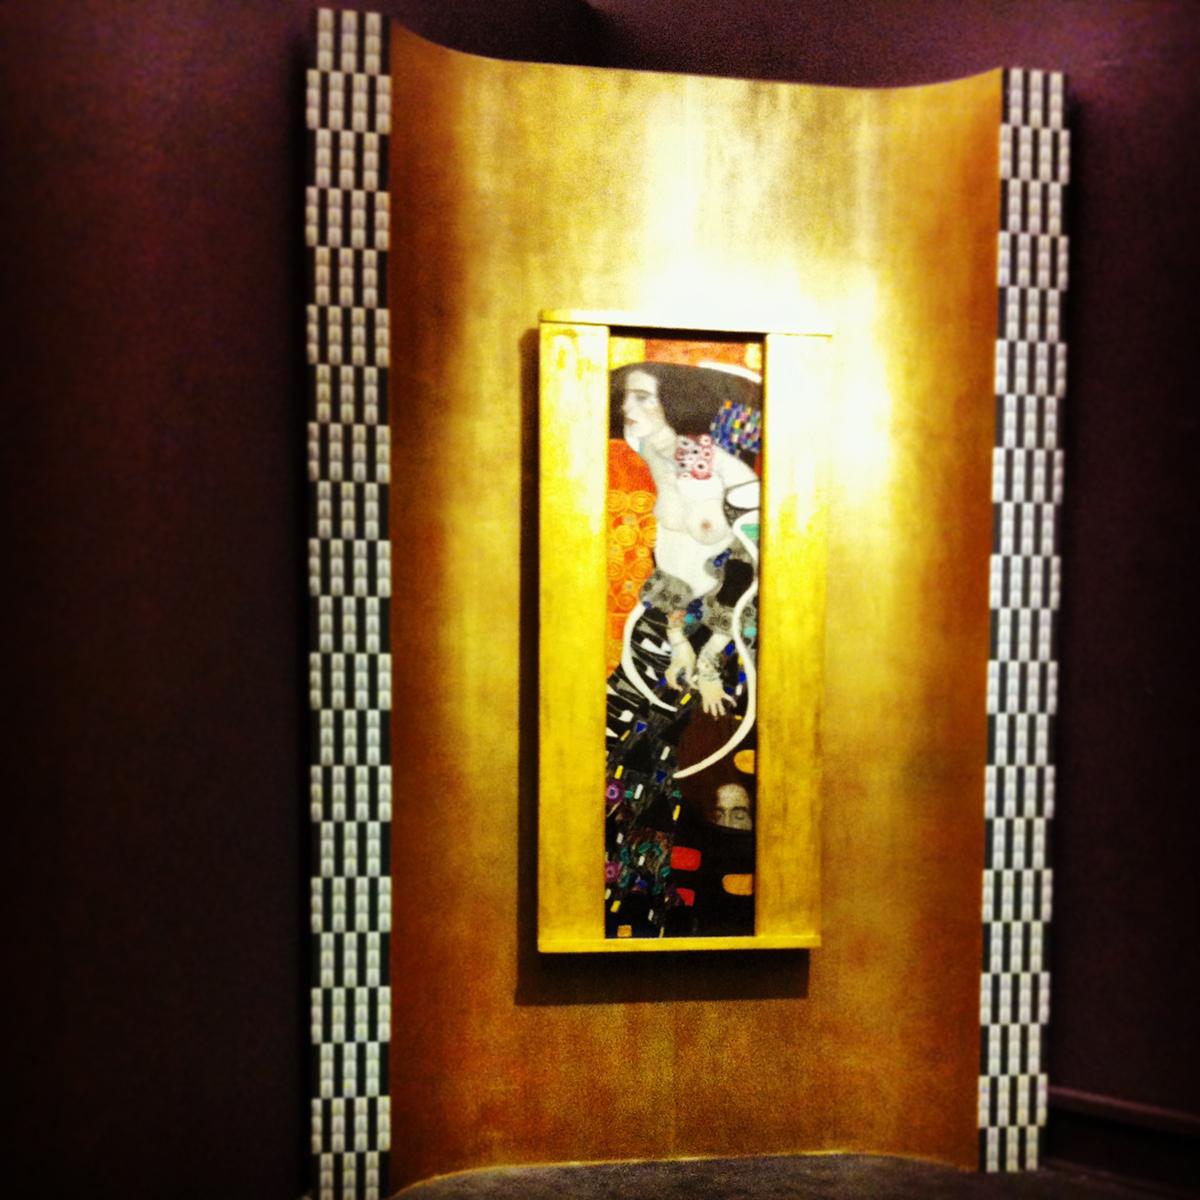 KlimtAlle-Origini-di-un-Mito-003